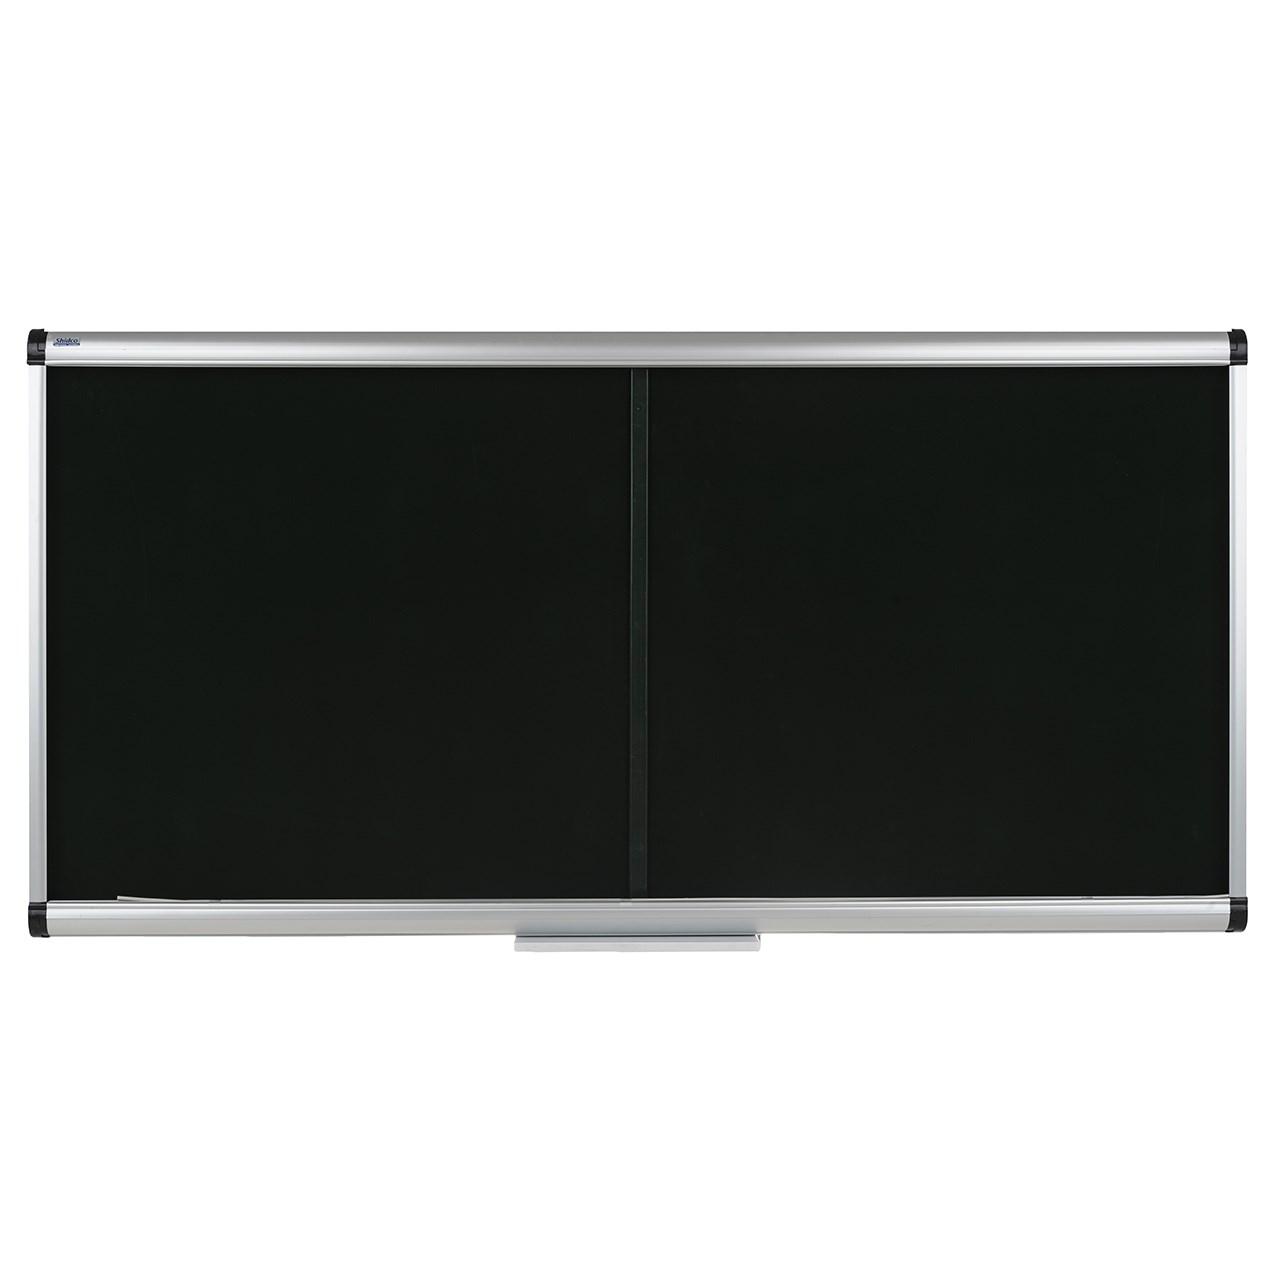 تابلو اعلانات شیدکو سایز 200×100 سانتیمتر